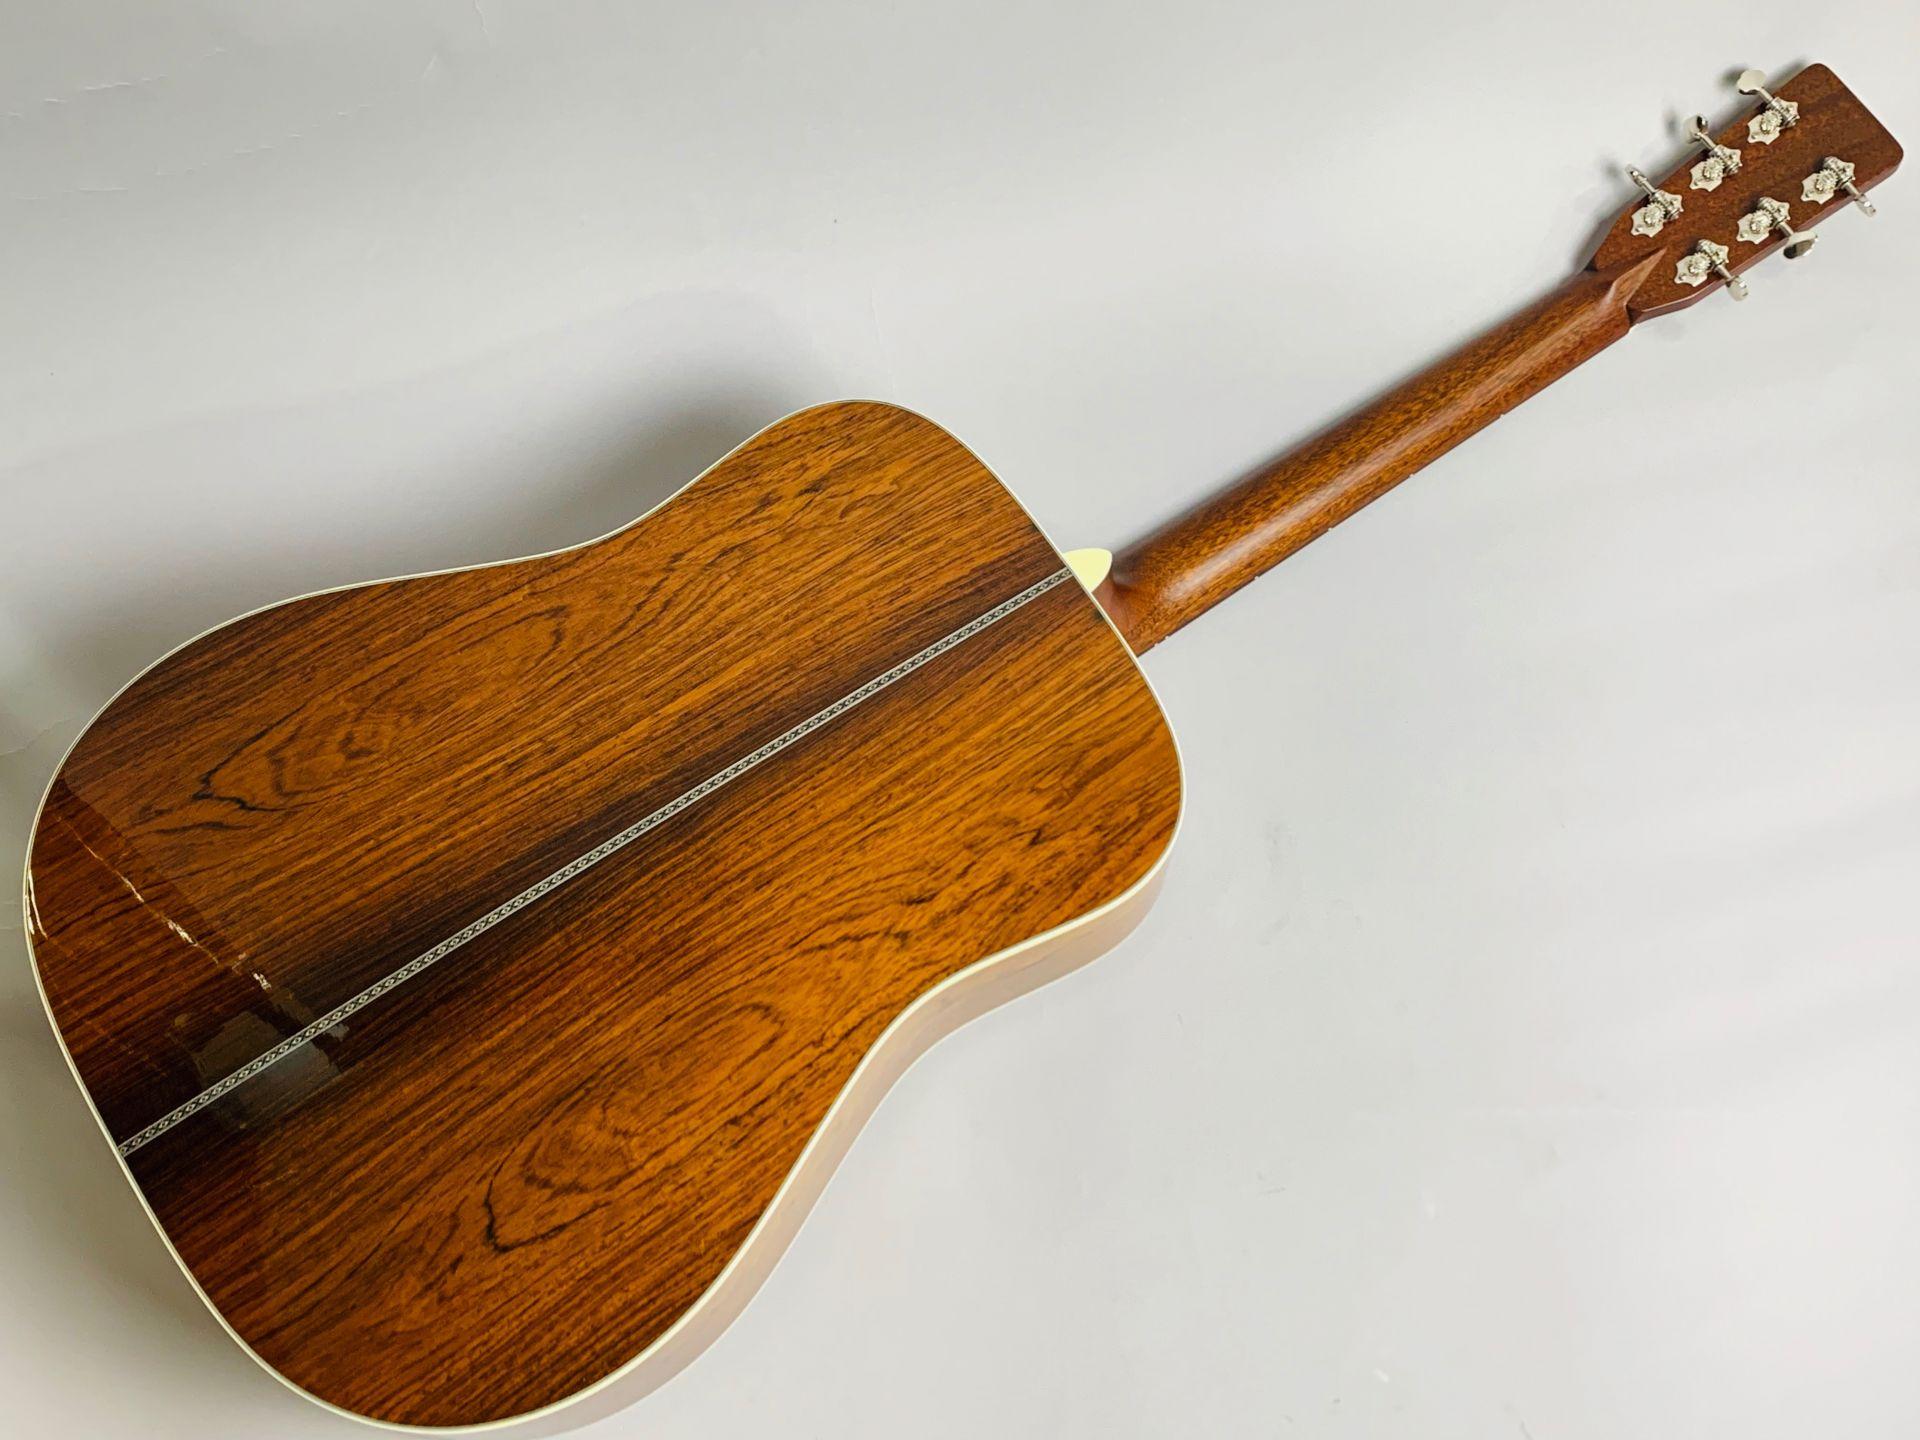 MS-101HD ハカランダ採用 島村楽器50本限定モデルのヘッド裏-アップ画像